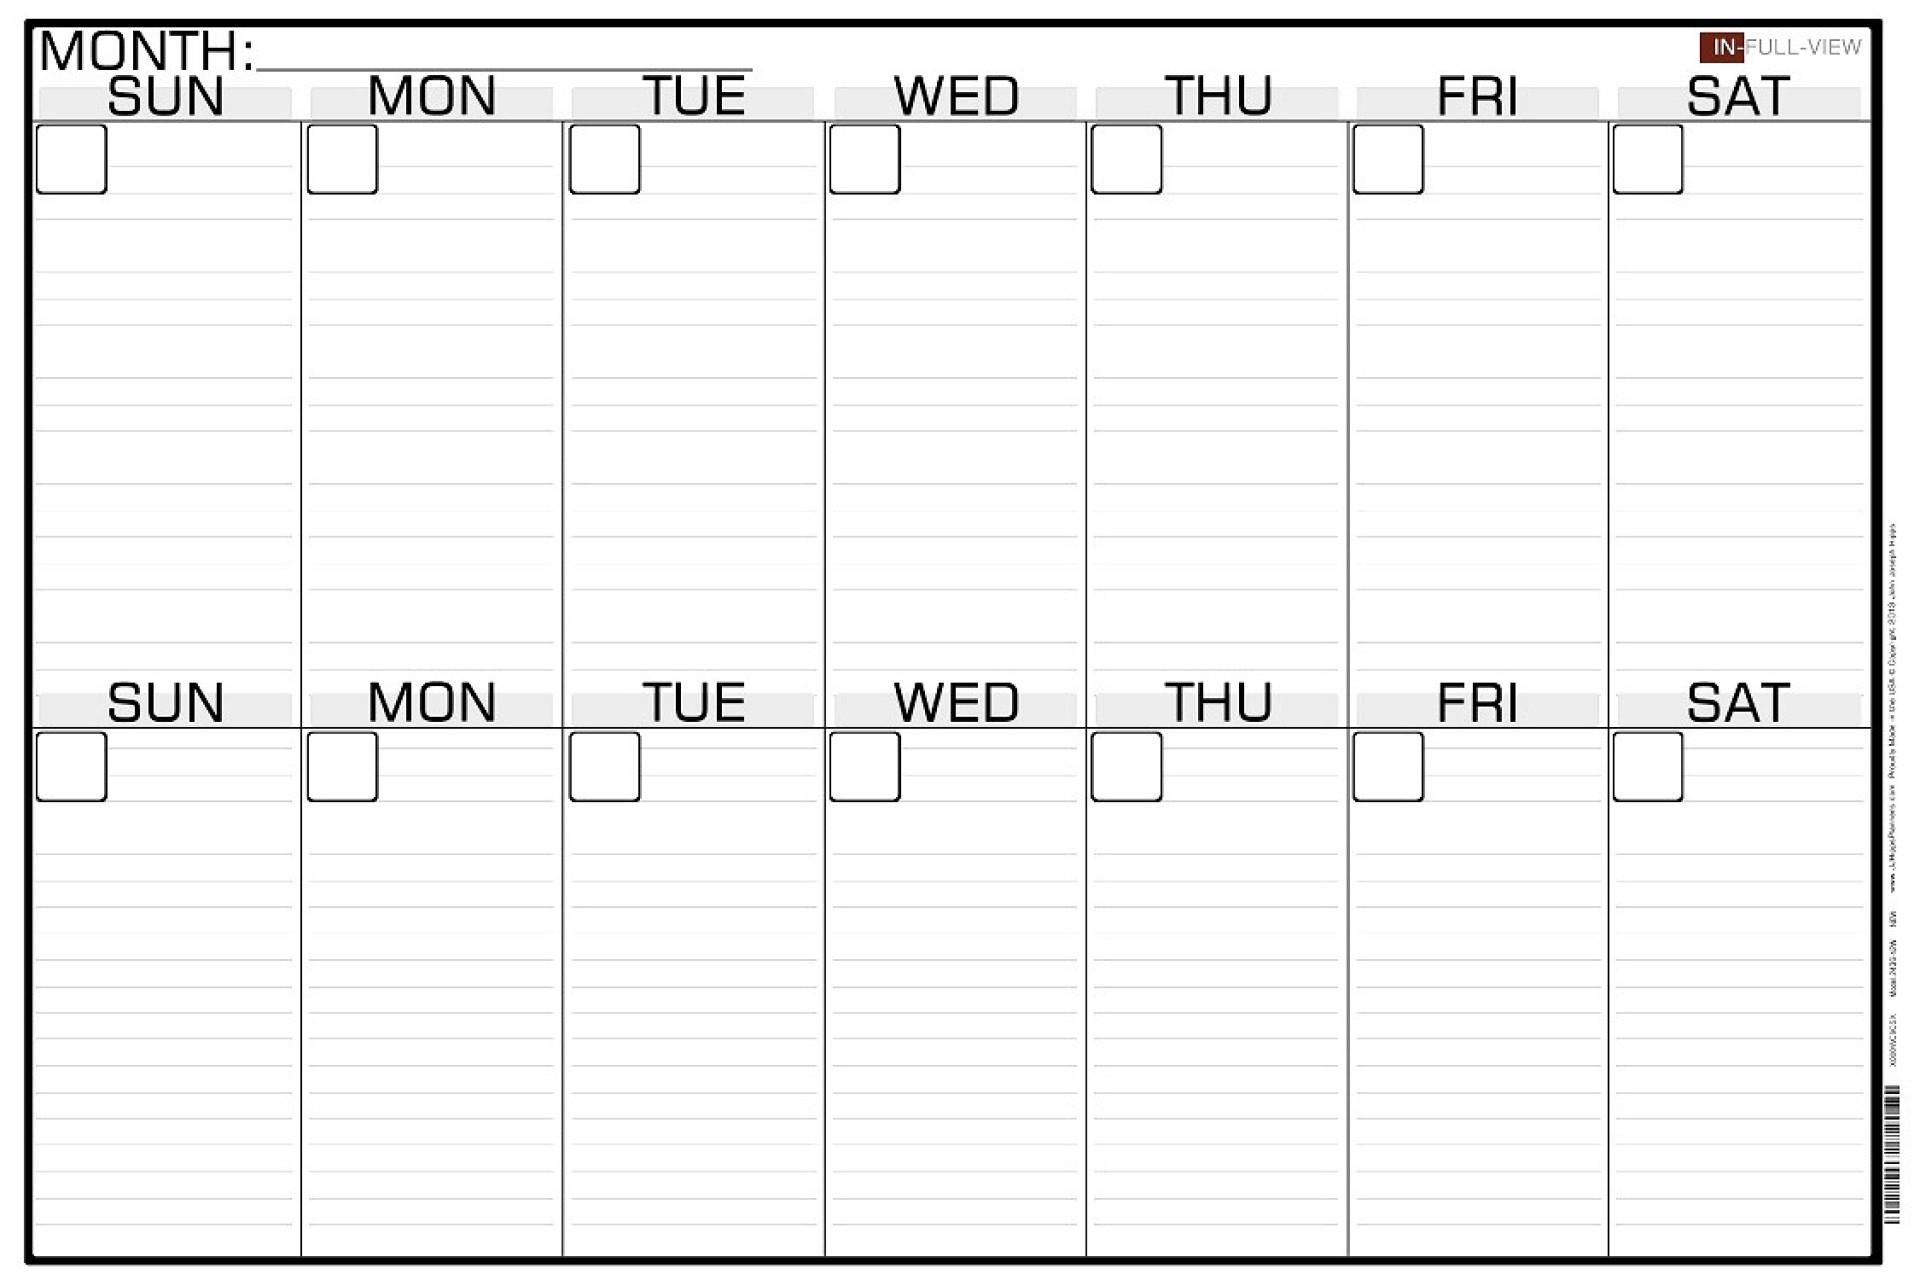 042 Week Printable Calendar Free Blank Printing 25Nhzqjr inside Print 2 Week Calendar